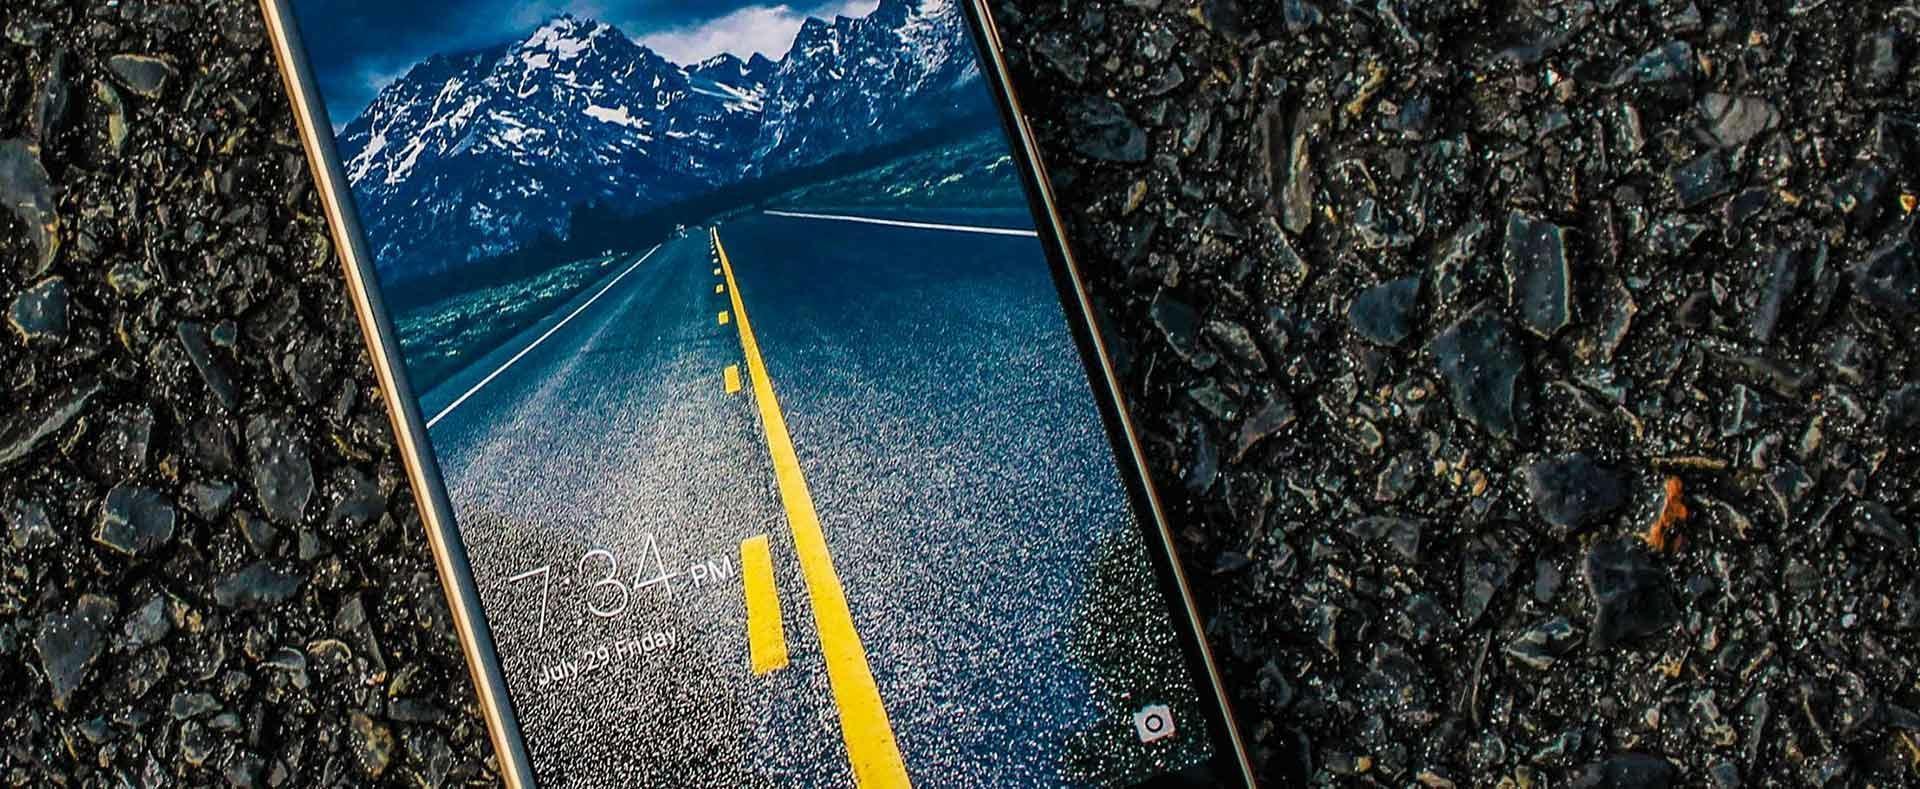 8 смартфонов с идеальными дисплеями для покупки прямо сейчас